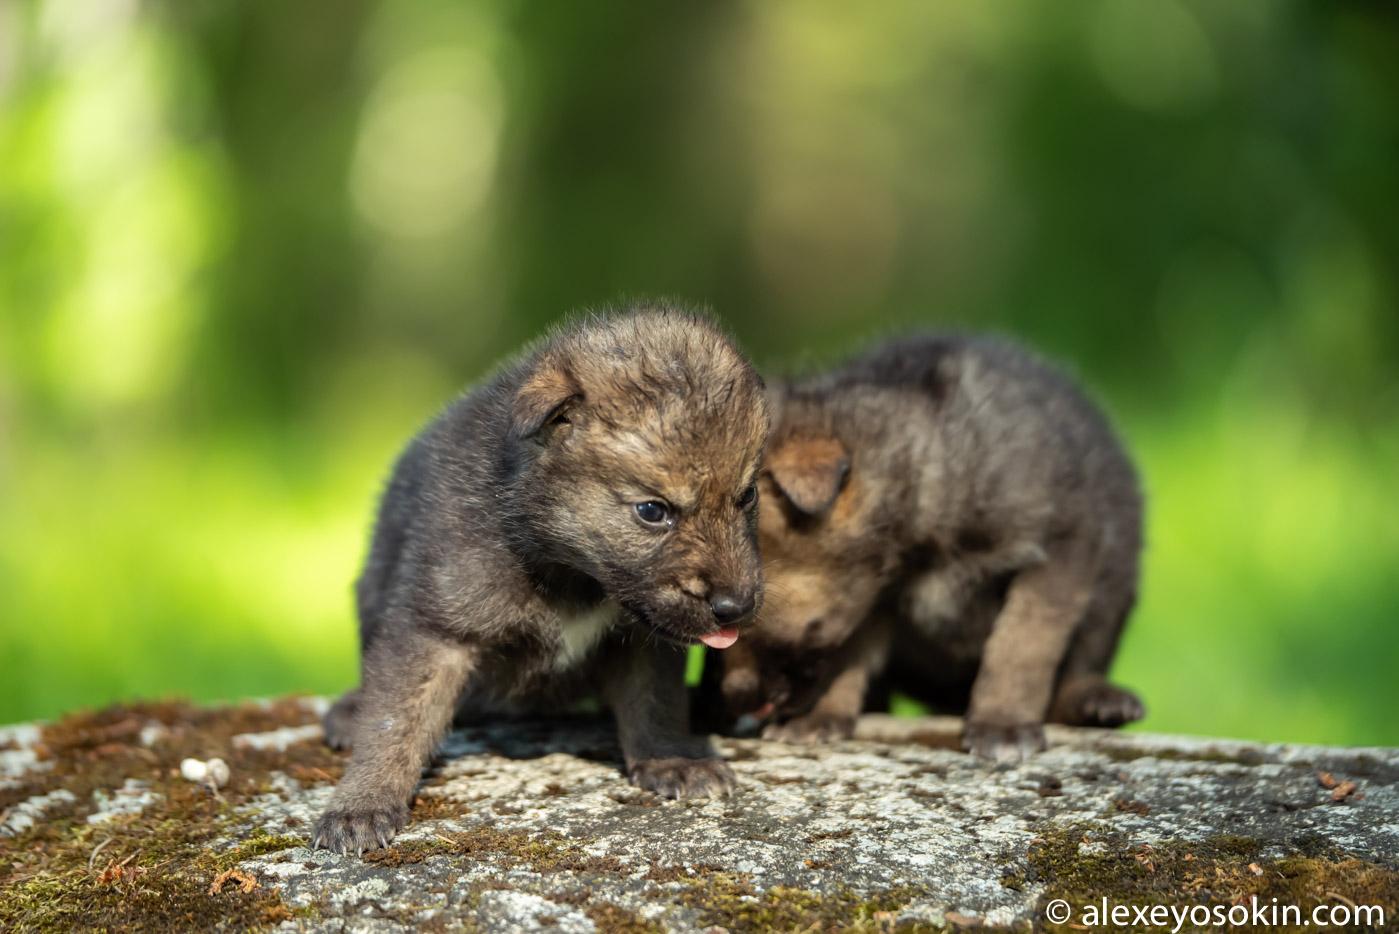 wZJz4FPHAv8 - Фото новорожденных волчат